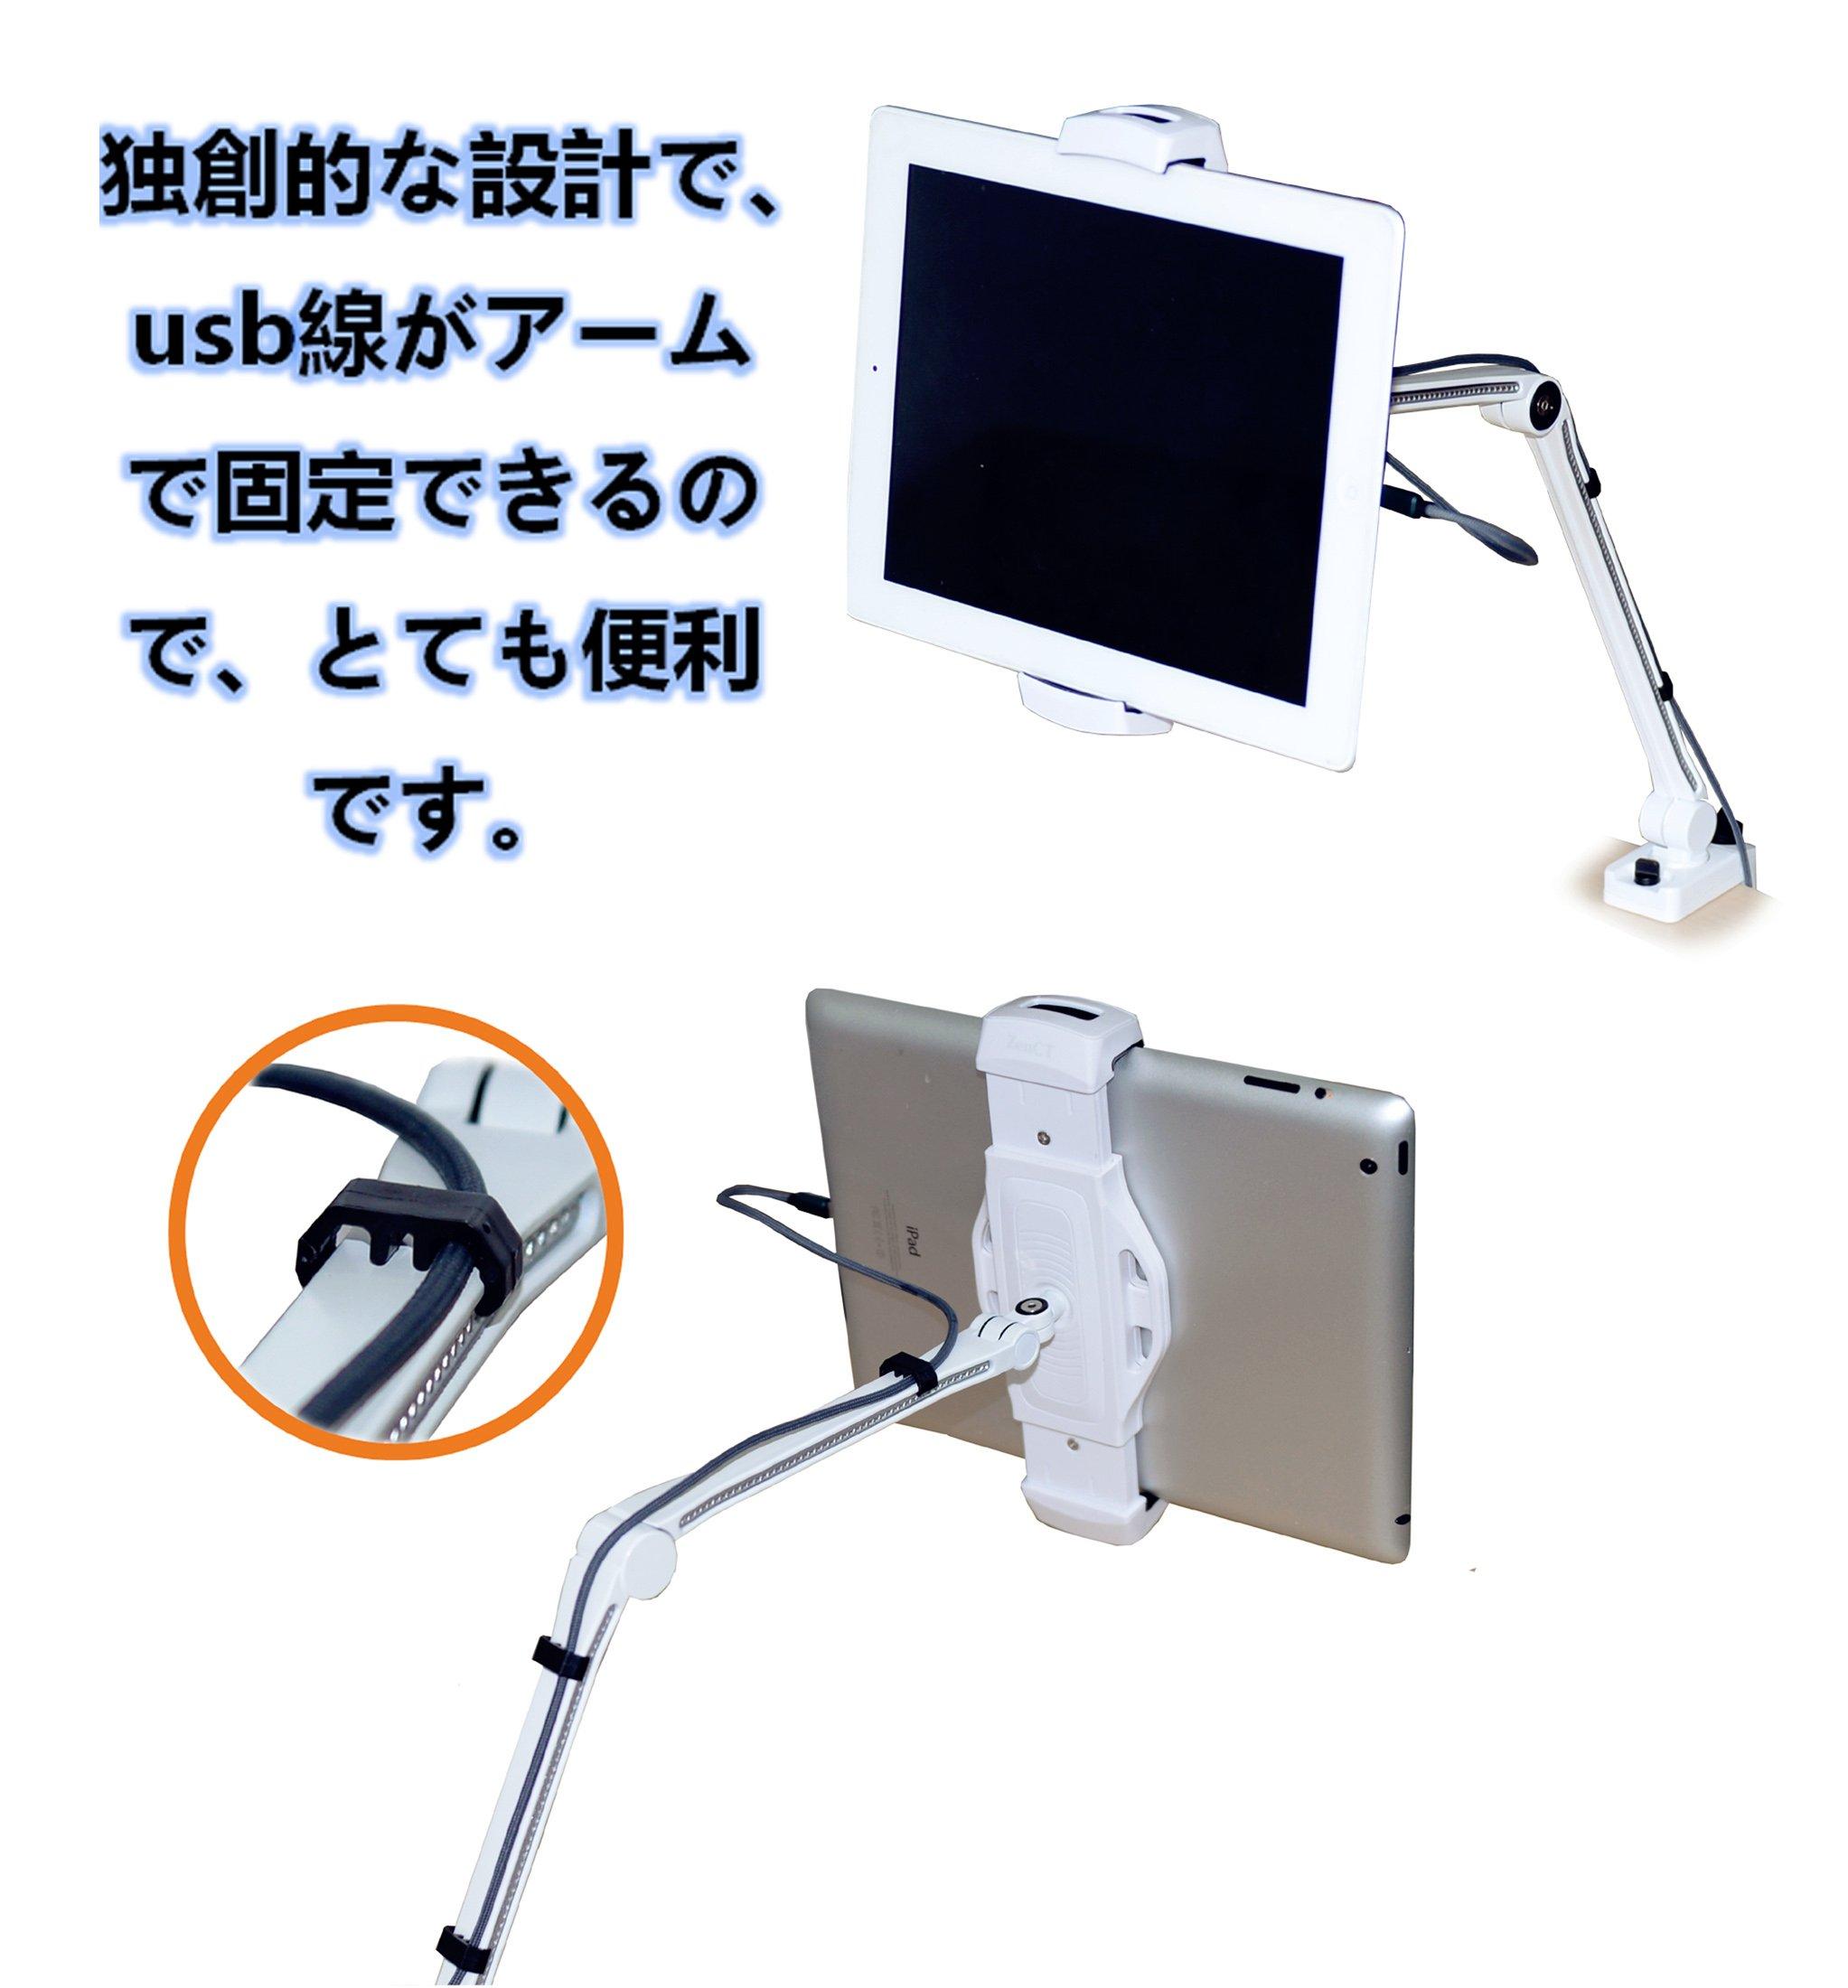 【楽天市場】タブレット用スタンド | 人気ランキン …